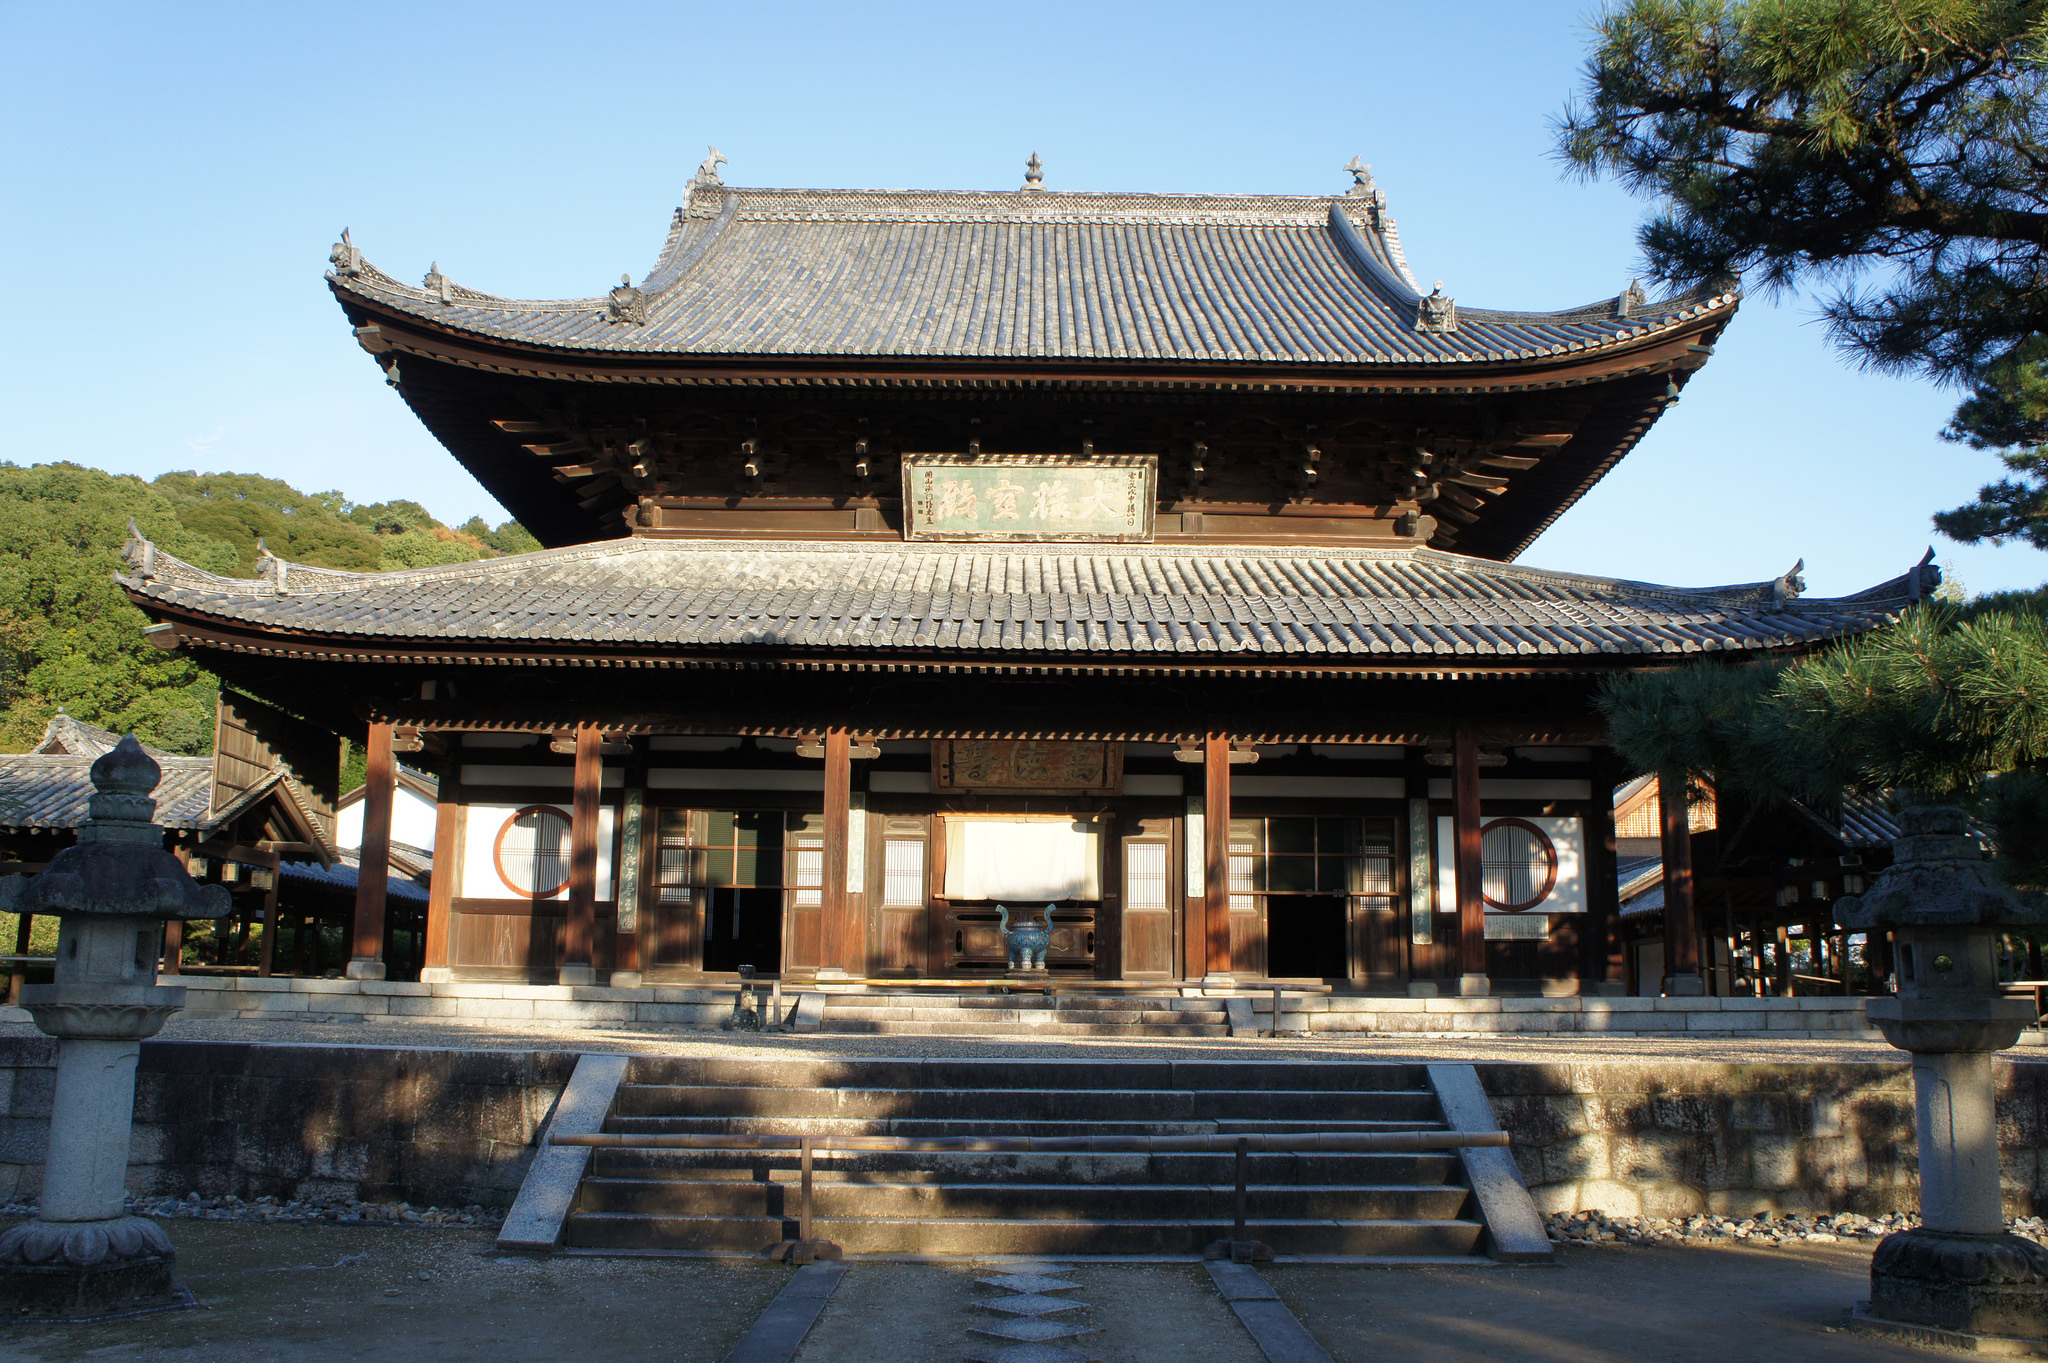 大雄寶殿/黄檗山萬福寺(Manpuku-ji Temple)